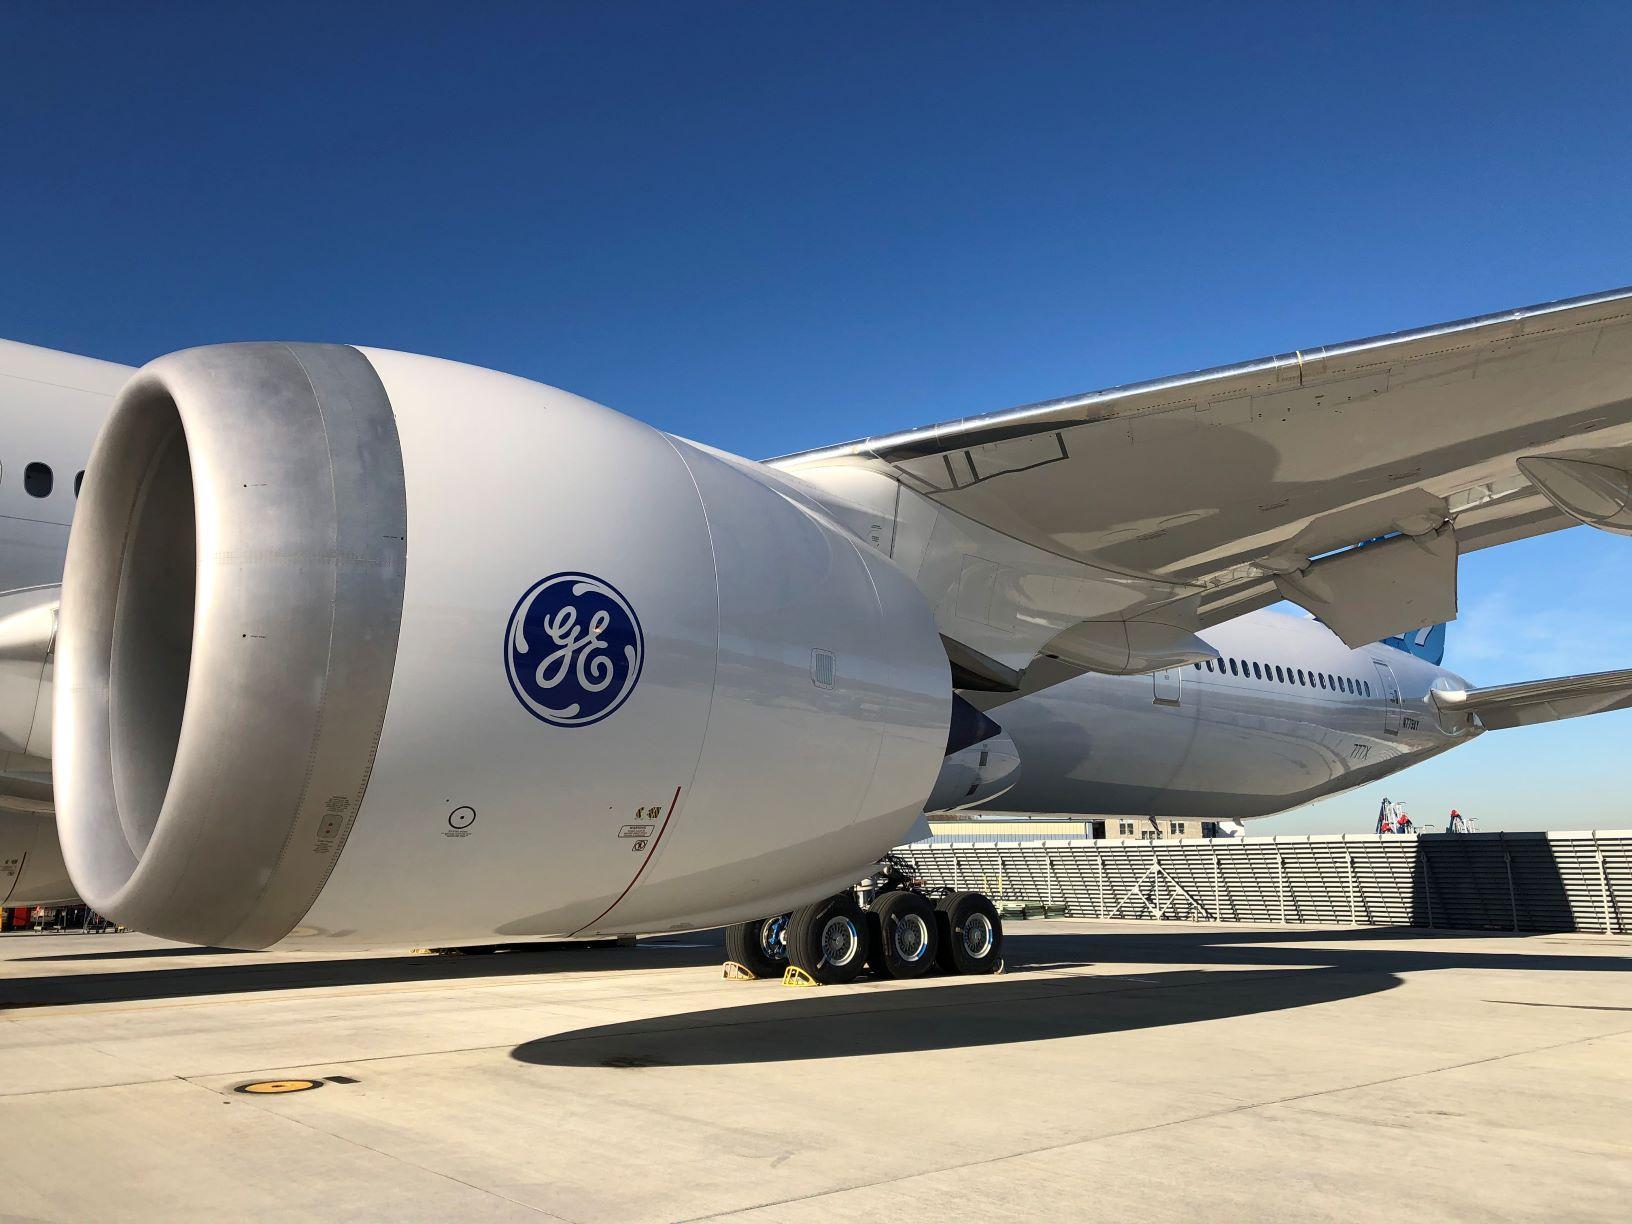 Új óriás hajtóművek: a 777X egy évet késett a GE9X háromméteres első fokozata miatt